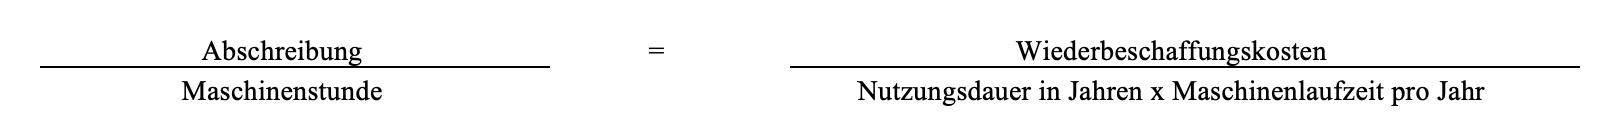 Kalkulatorische Abschreibung pro Maschinenstunde